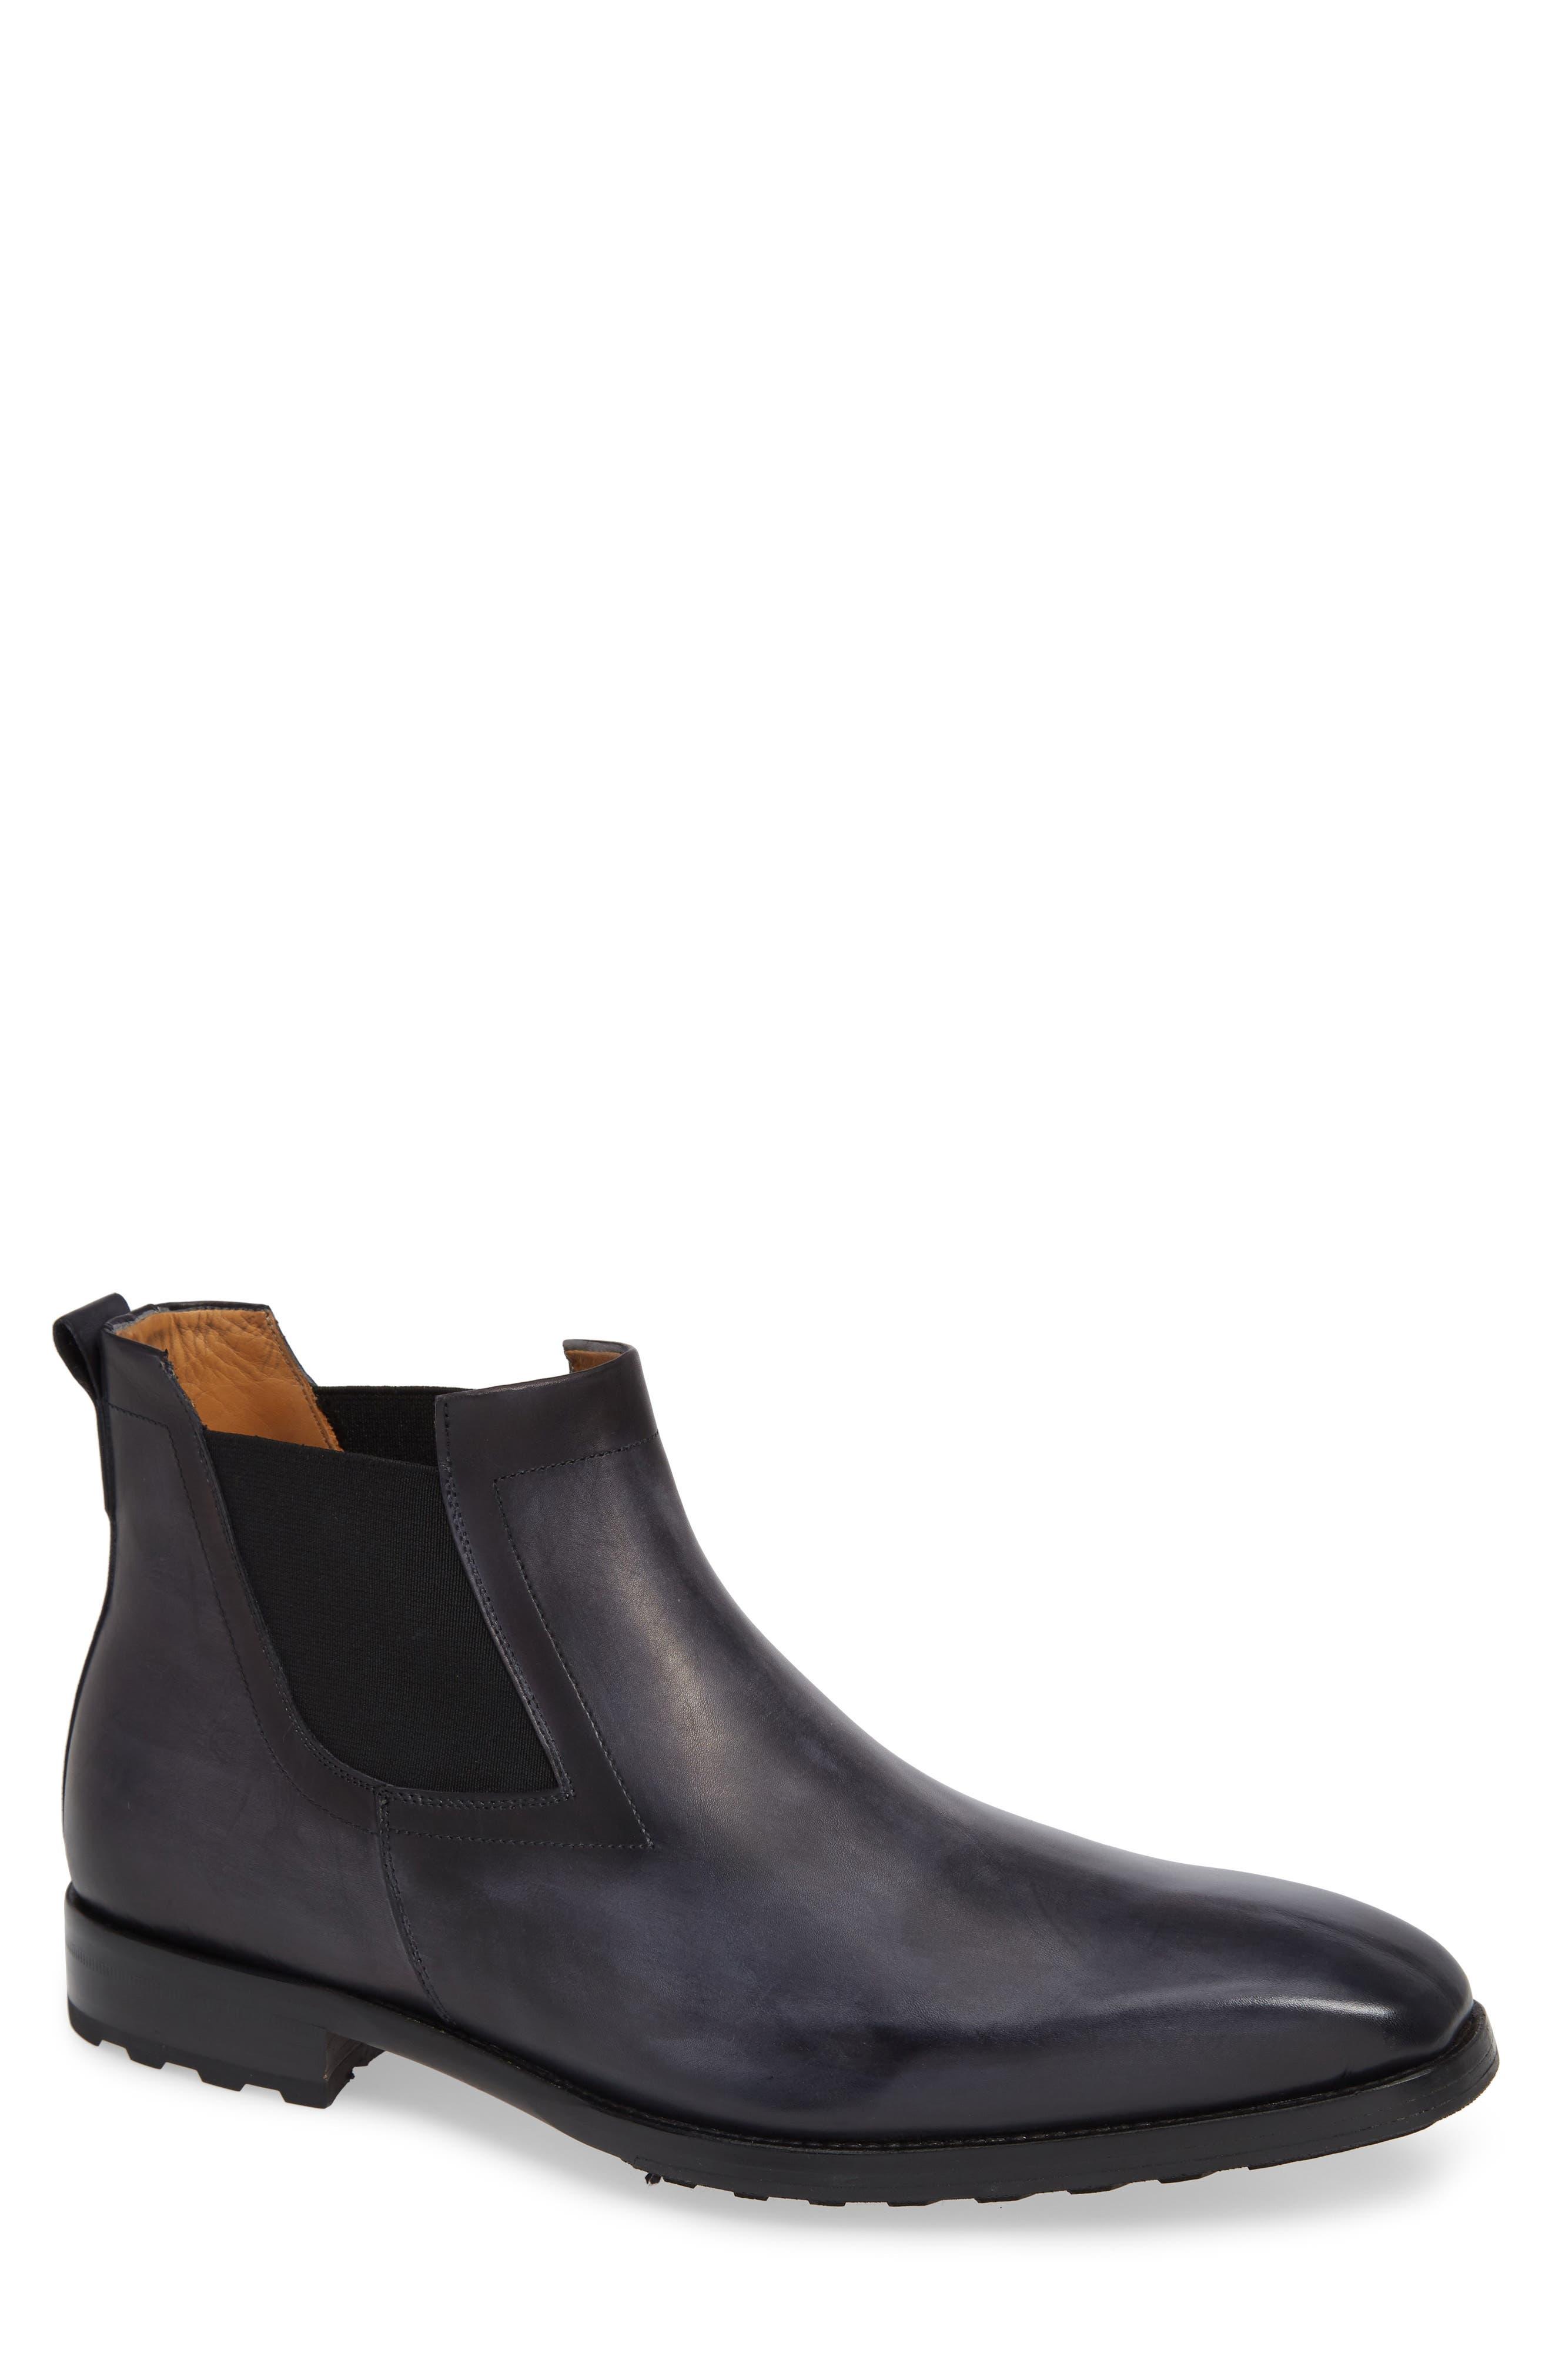 Mezlan Omar Lugged Chelsea Boot- Grey